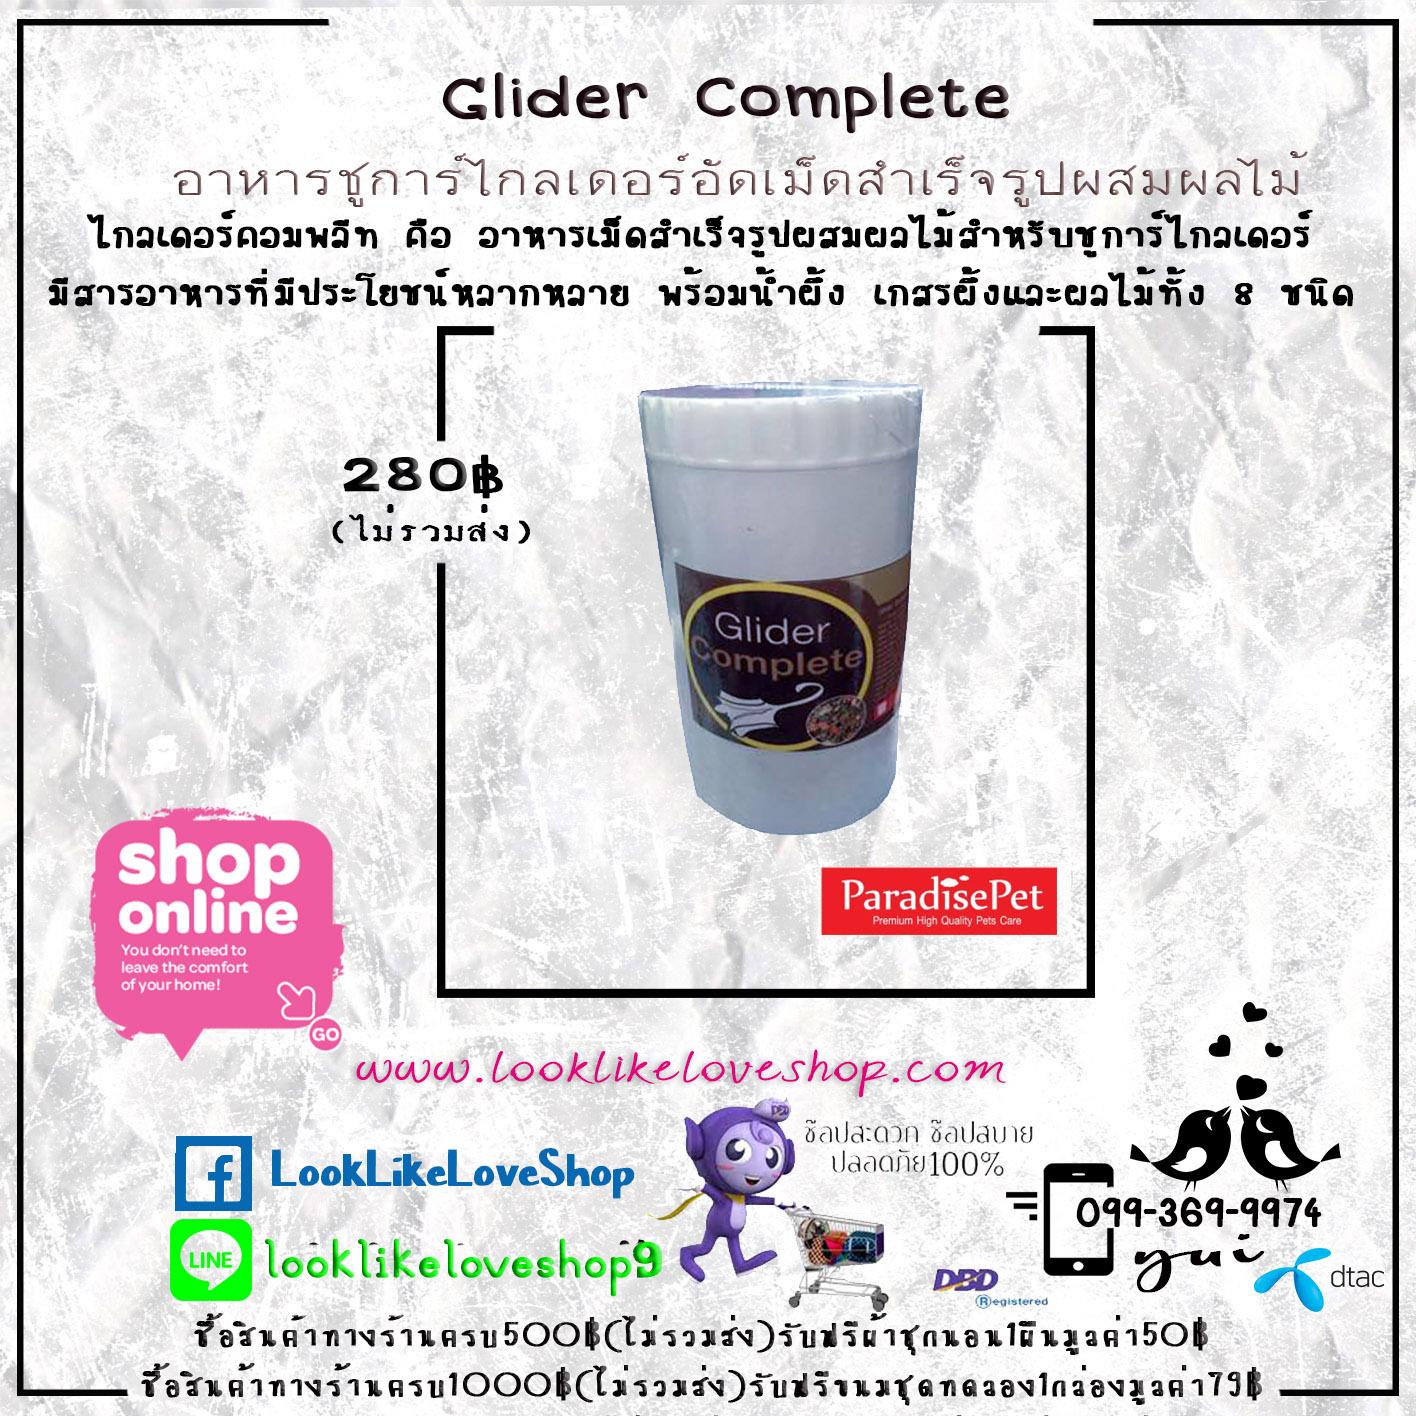 อาหารเม็ดชูการ์โปรตีนสูง Glider Complete ParadisePet